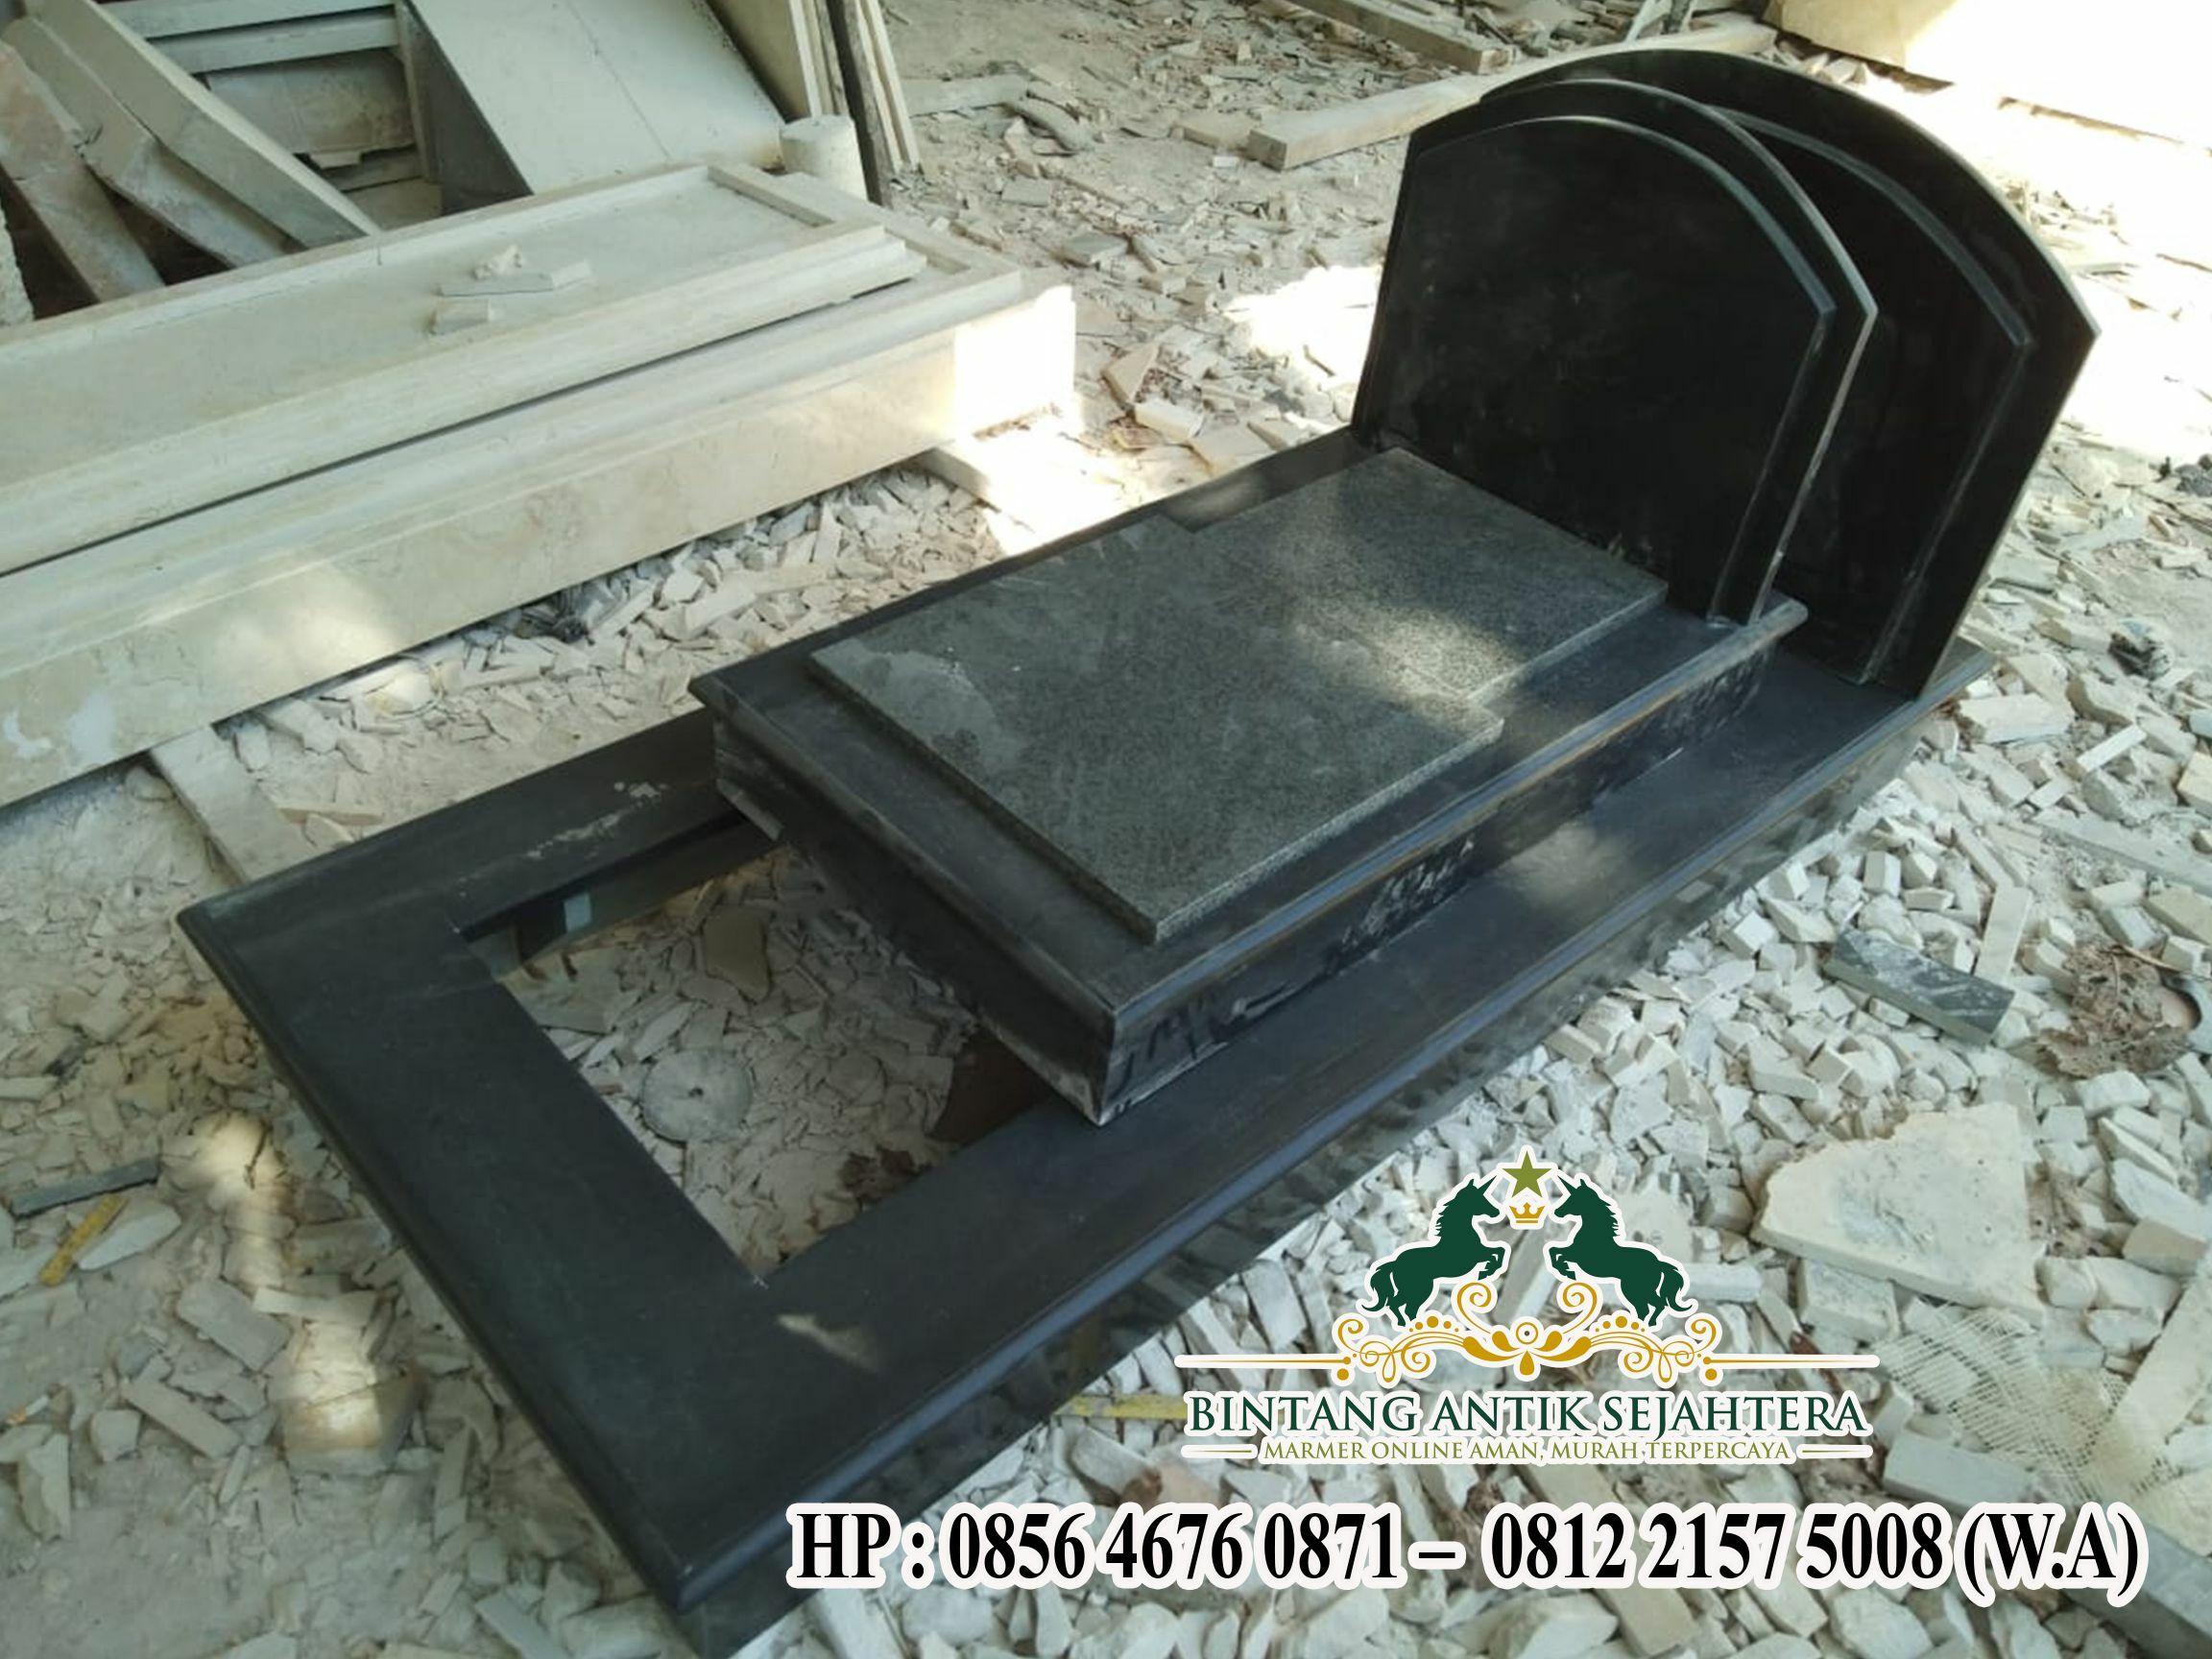 Model Kijing Granit Terbaru